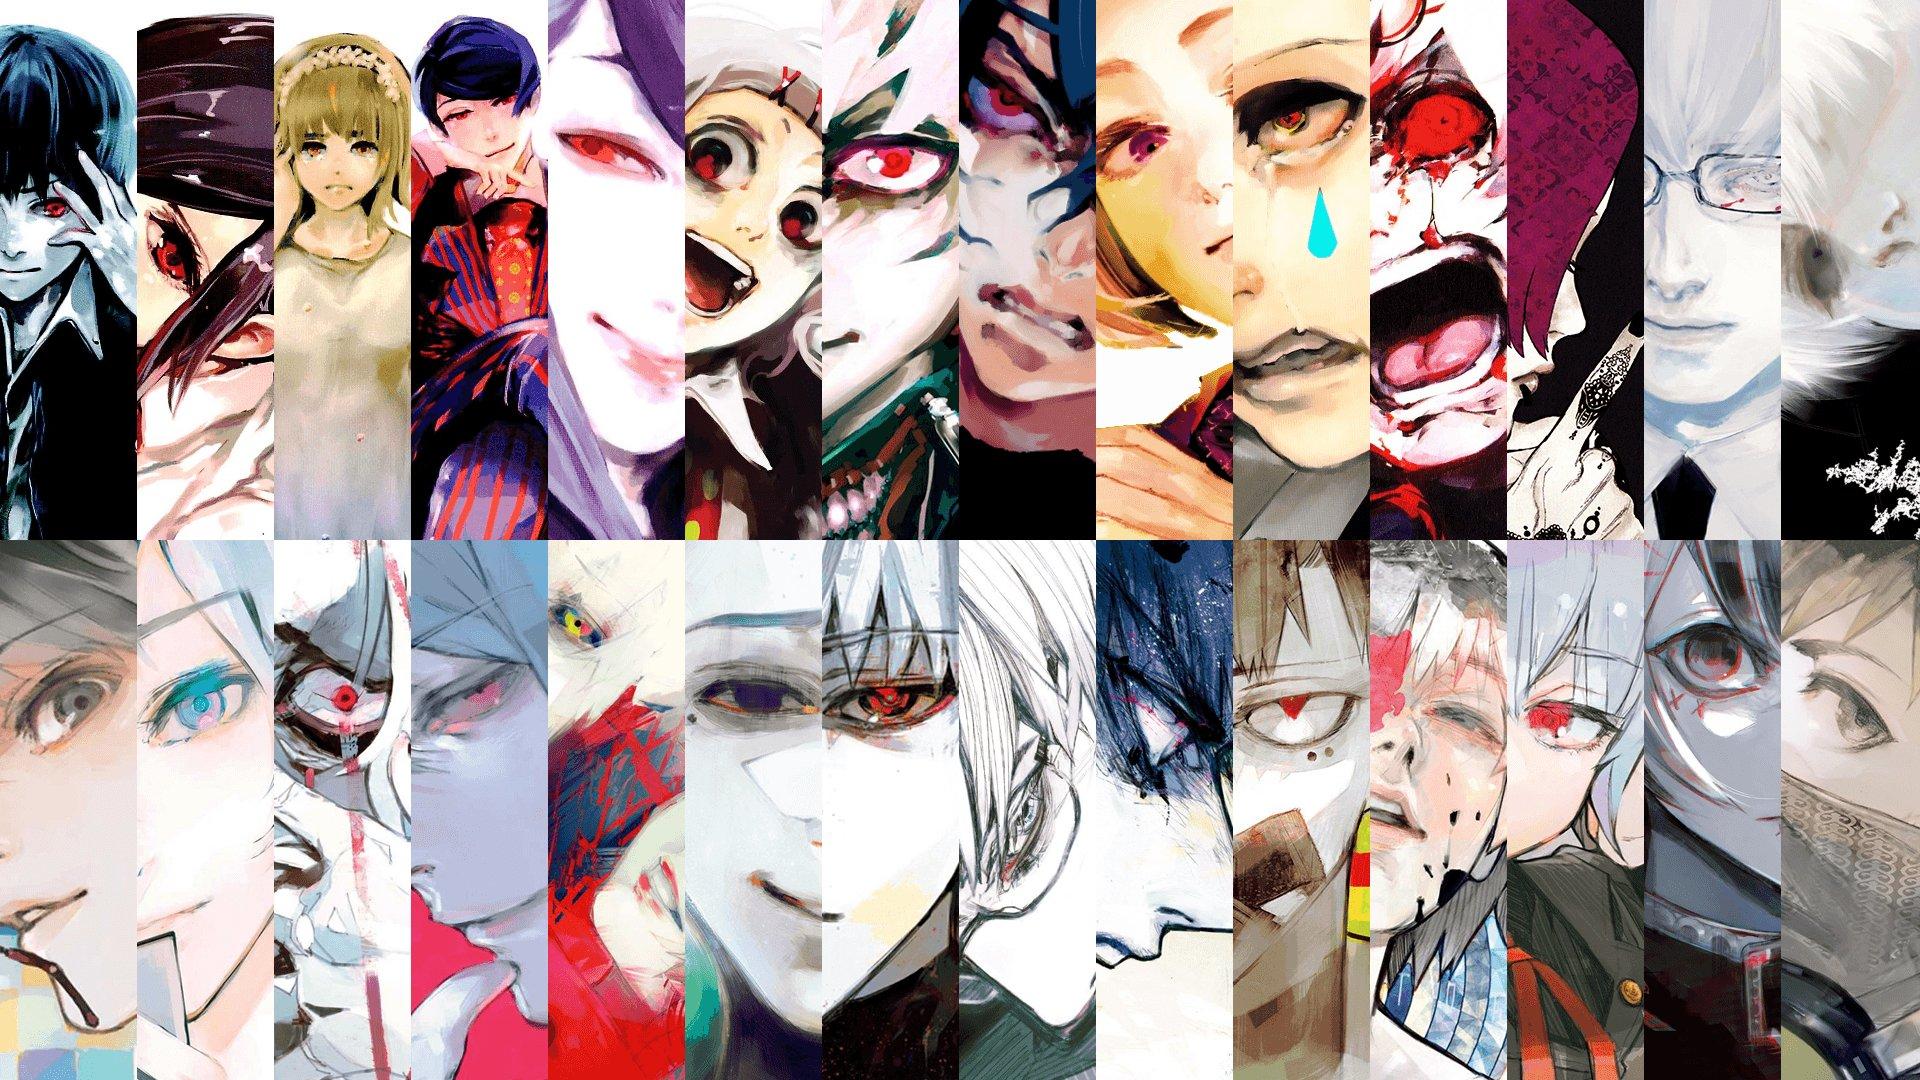 холодных персонажи токийский гуль они жизнеустойчивые